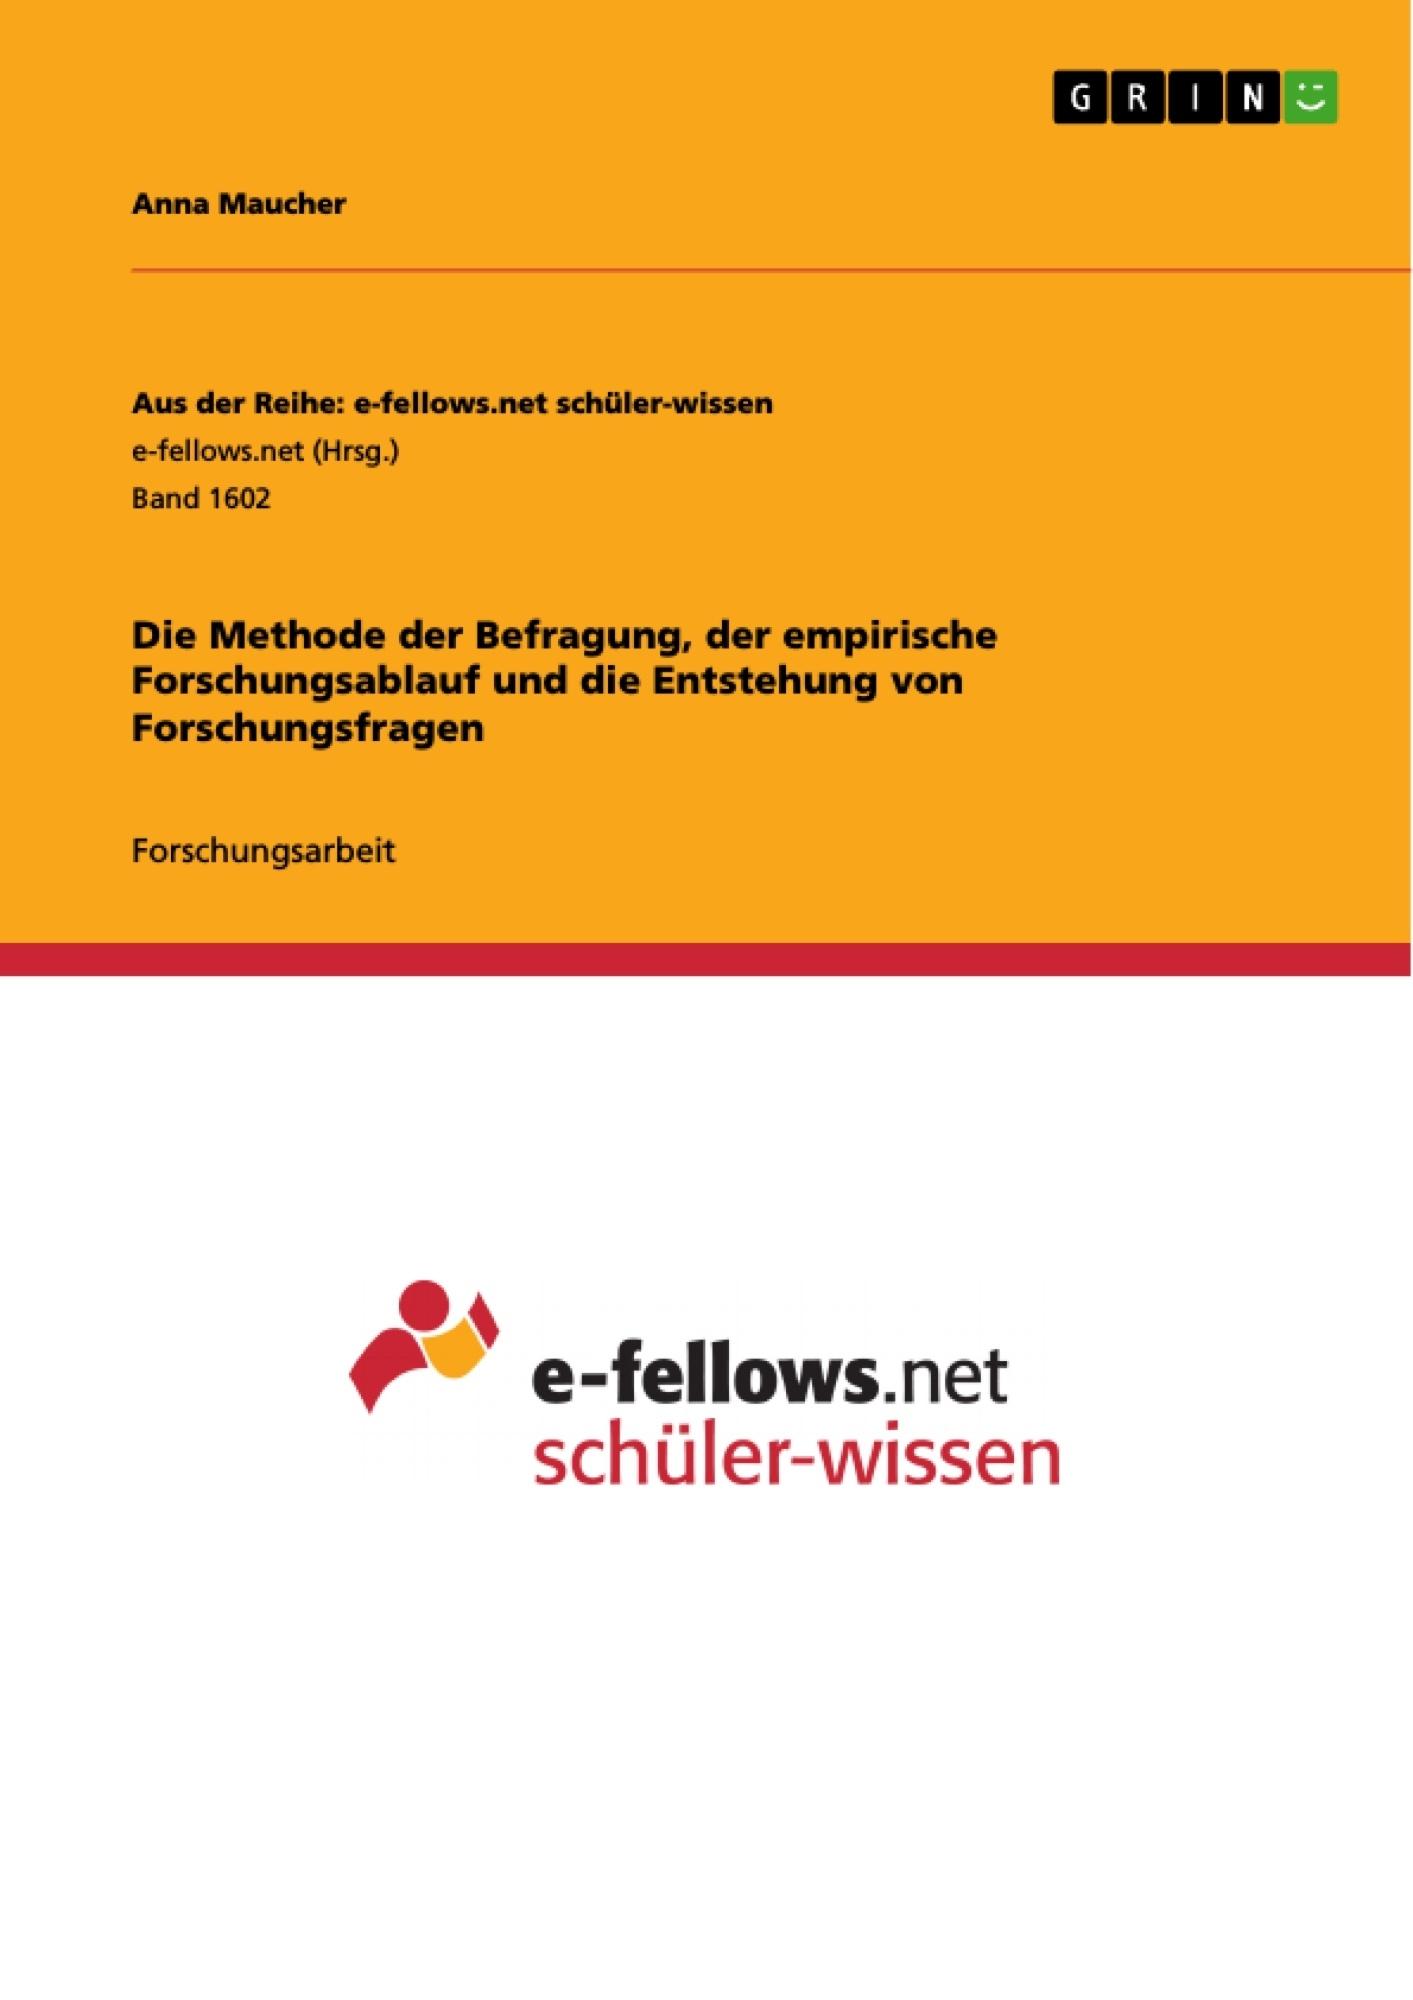 Titel: Die Methode der Befragung, der empirische Forschungsablauf und die Entstehung von Forschungsfragen